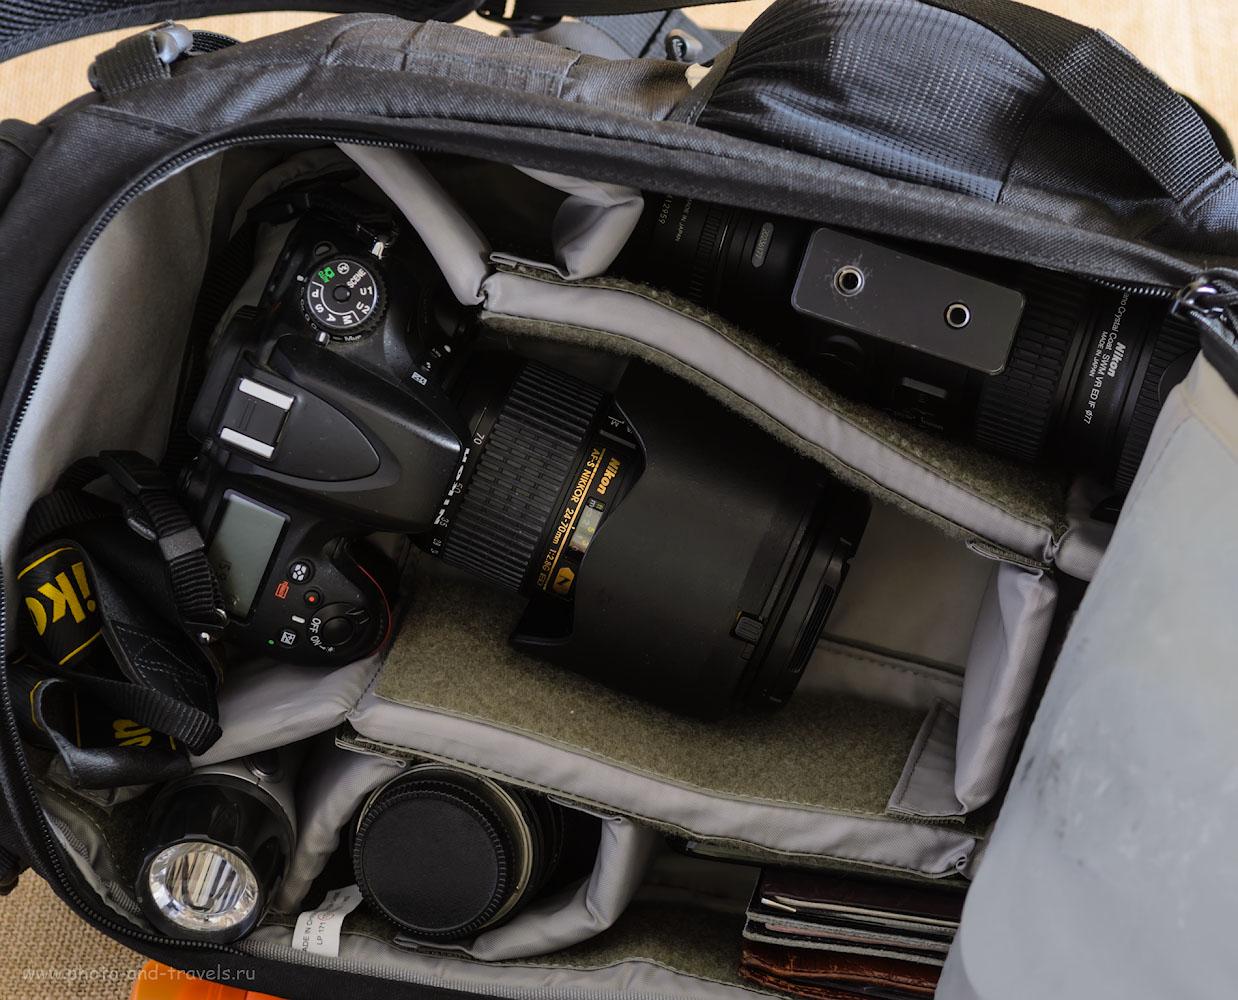 Фотография 8. Объемная камера фоторюкзака Lowepro Flipside 400 AW позволяет одновременно держать накрученным на тушку Nikon D610 репортажник Nikon 24-70mm f/2.8 и есть место для телевика Nikon 70-200mm f/2.8.